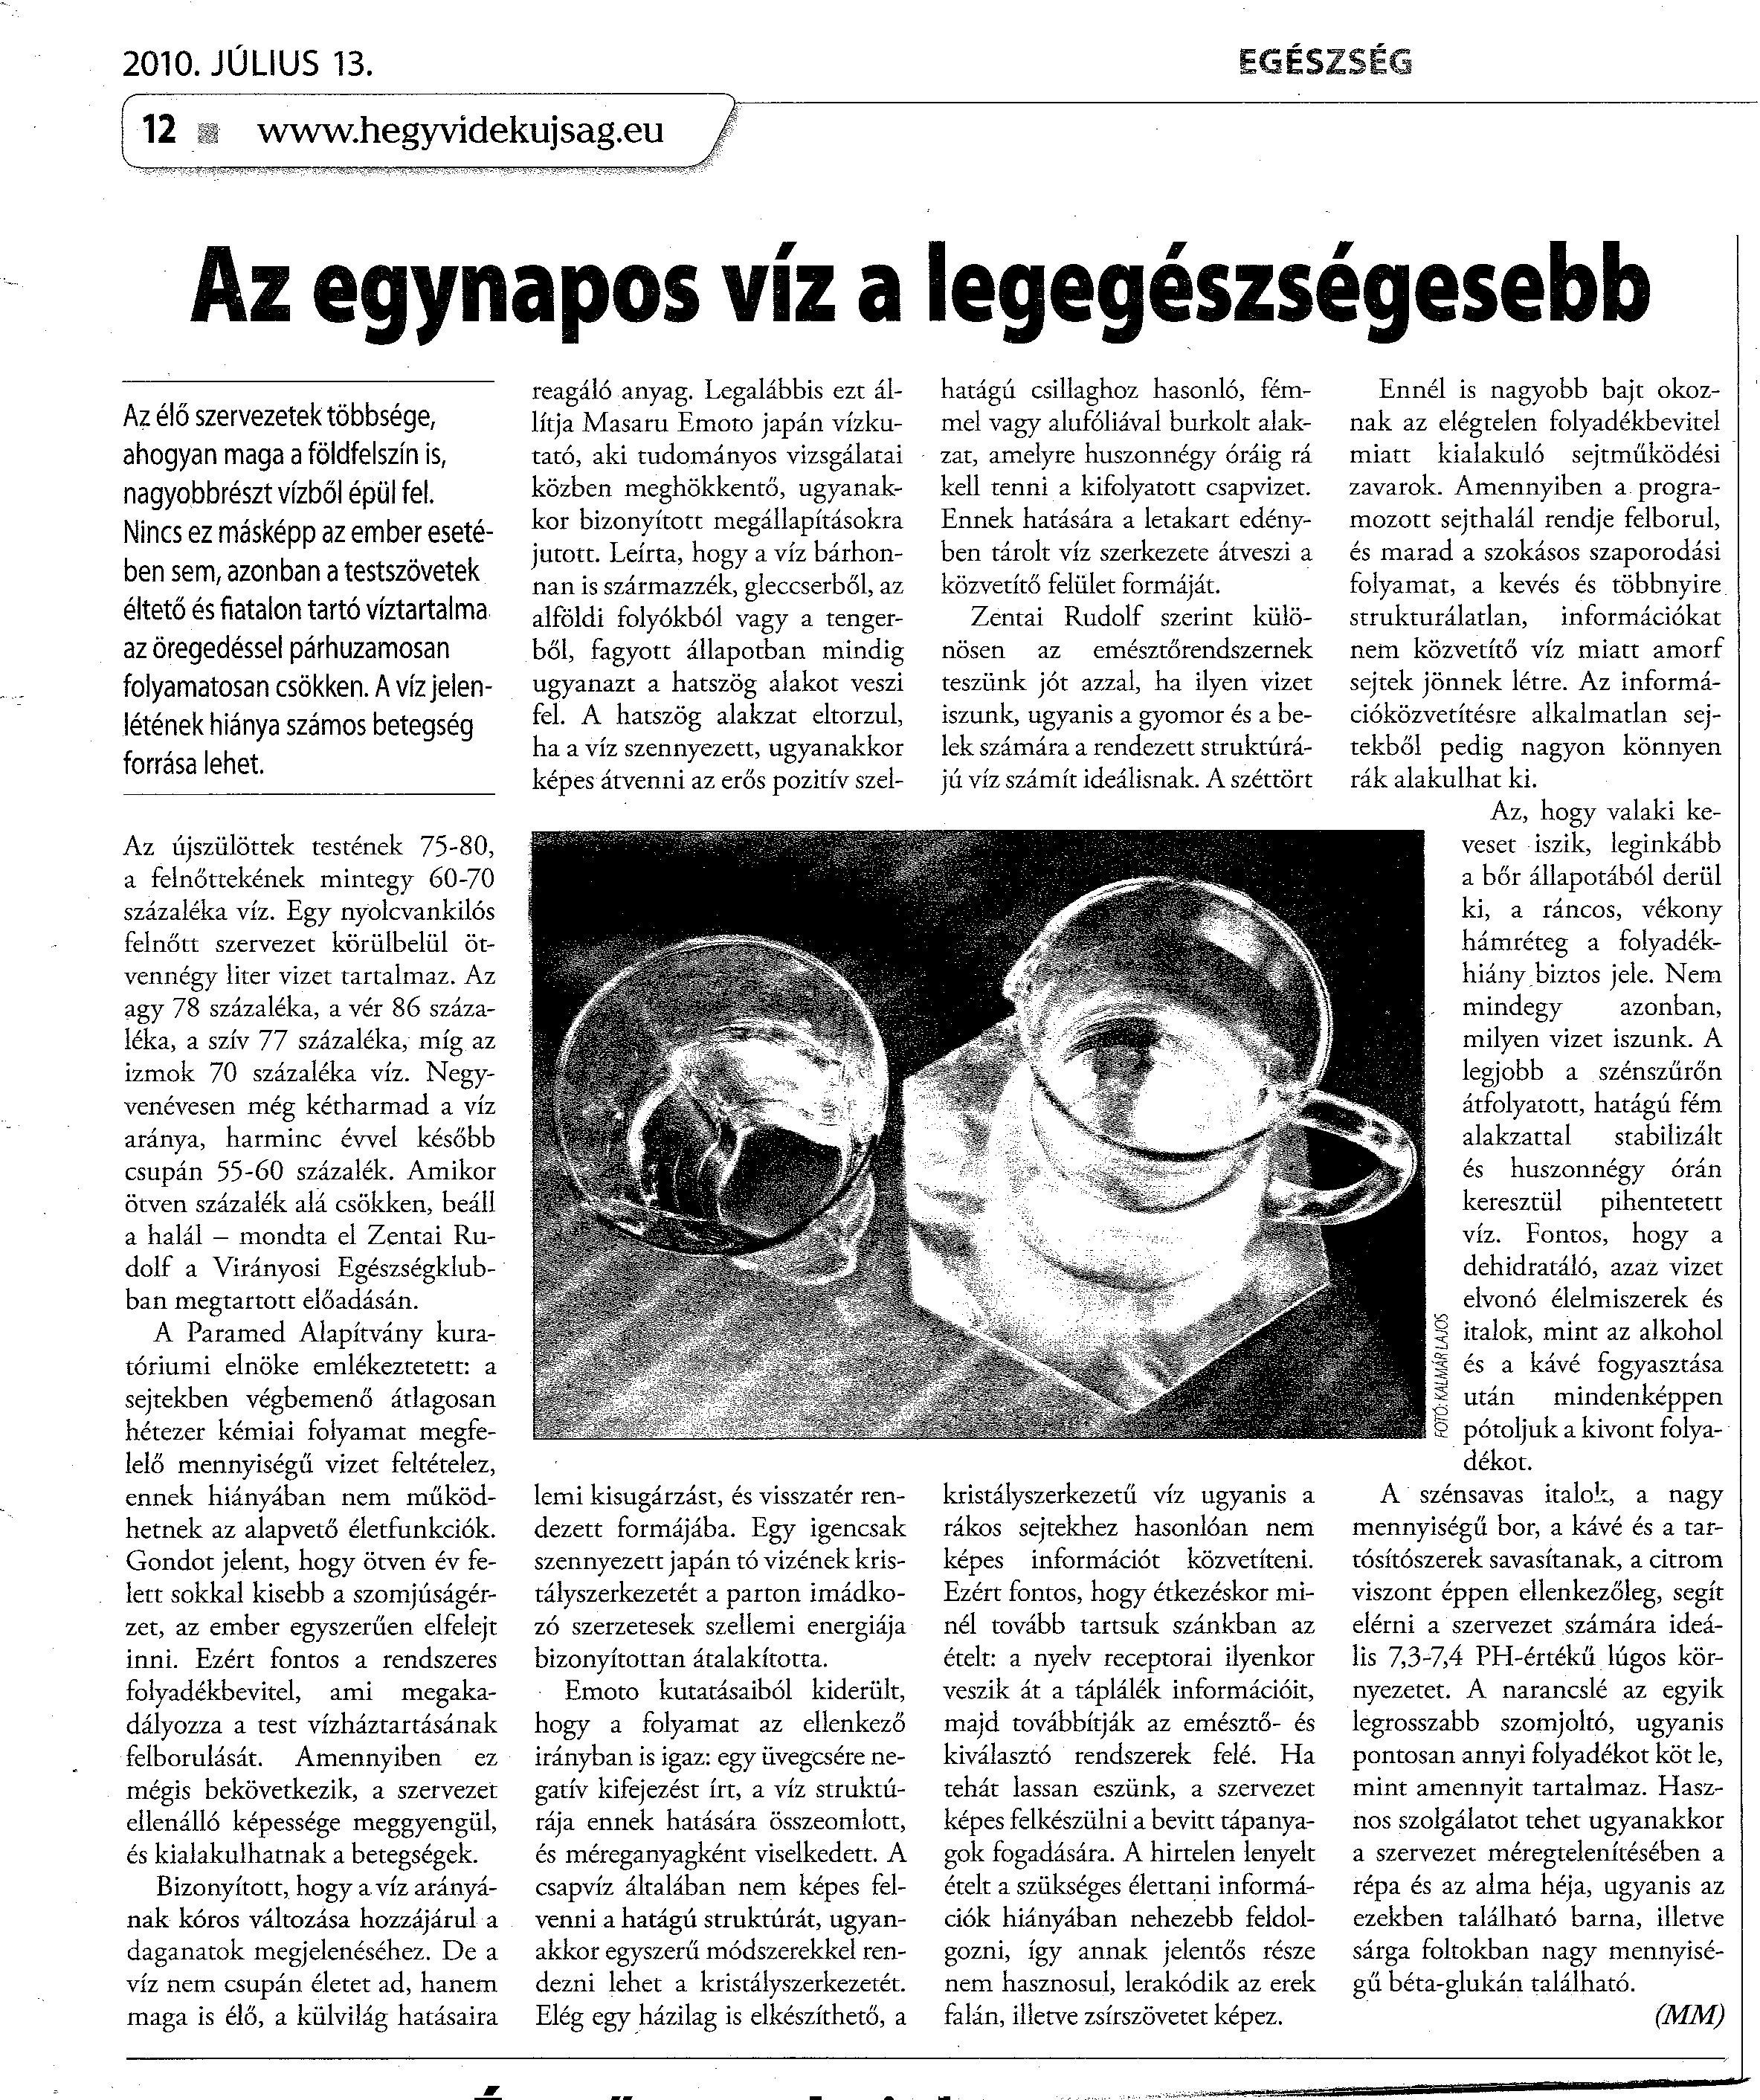 újságcikk a magas vérnyomásról